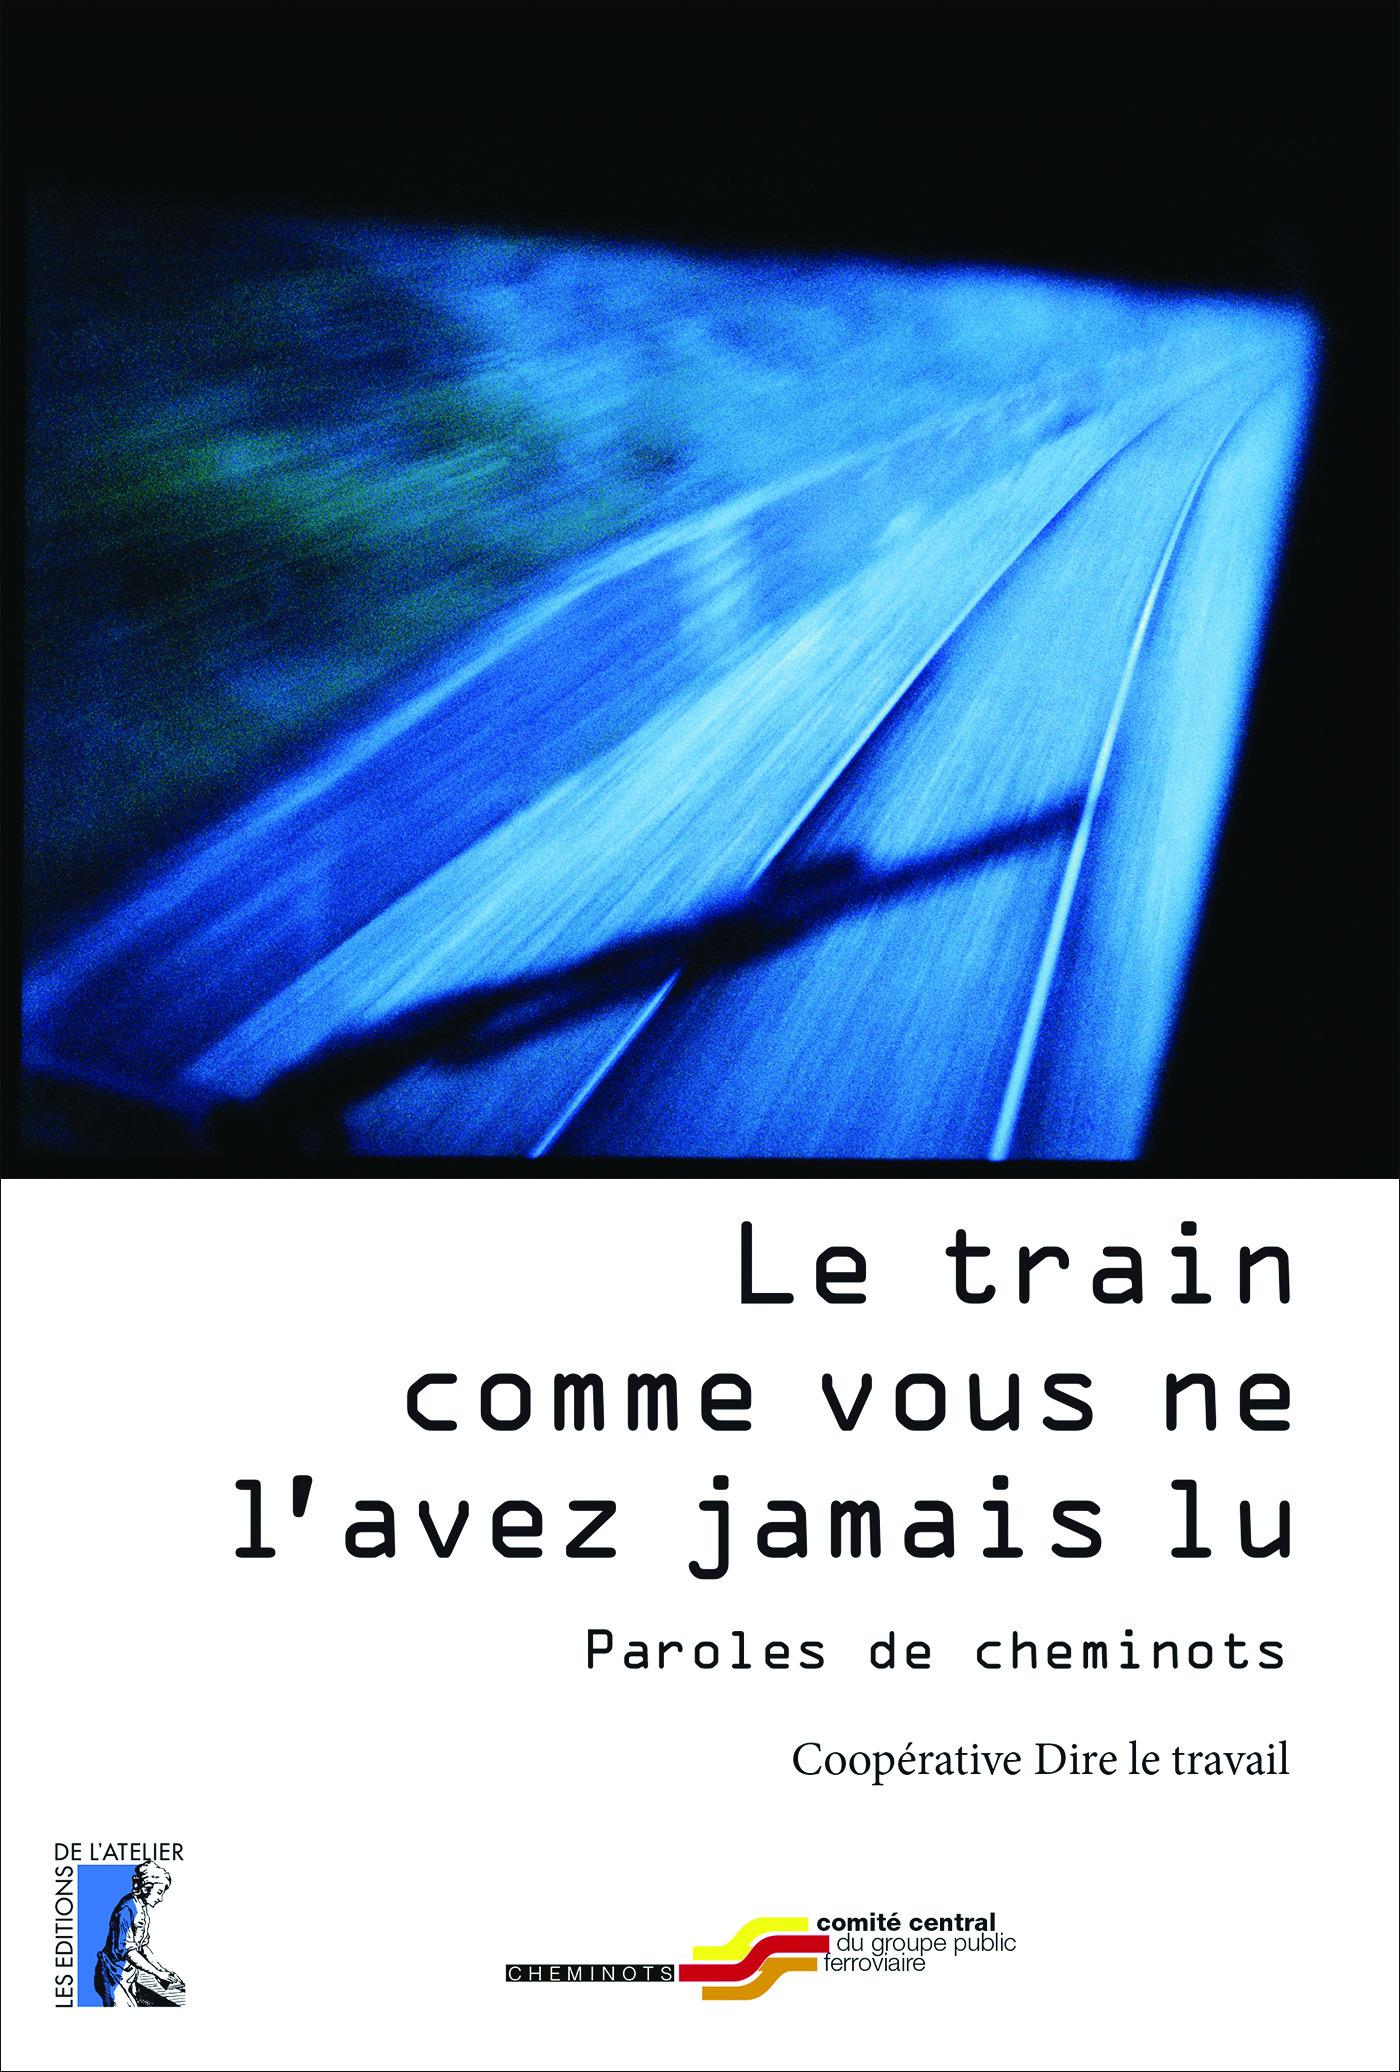 Le train comme vous ne l'avez jamais lu ; paroles de cheminots